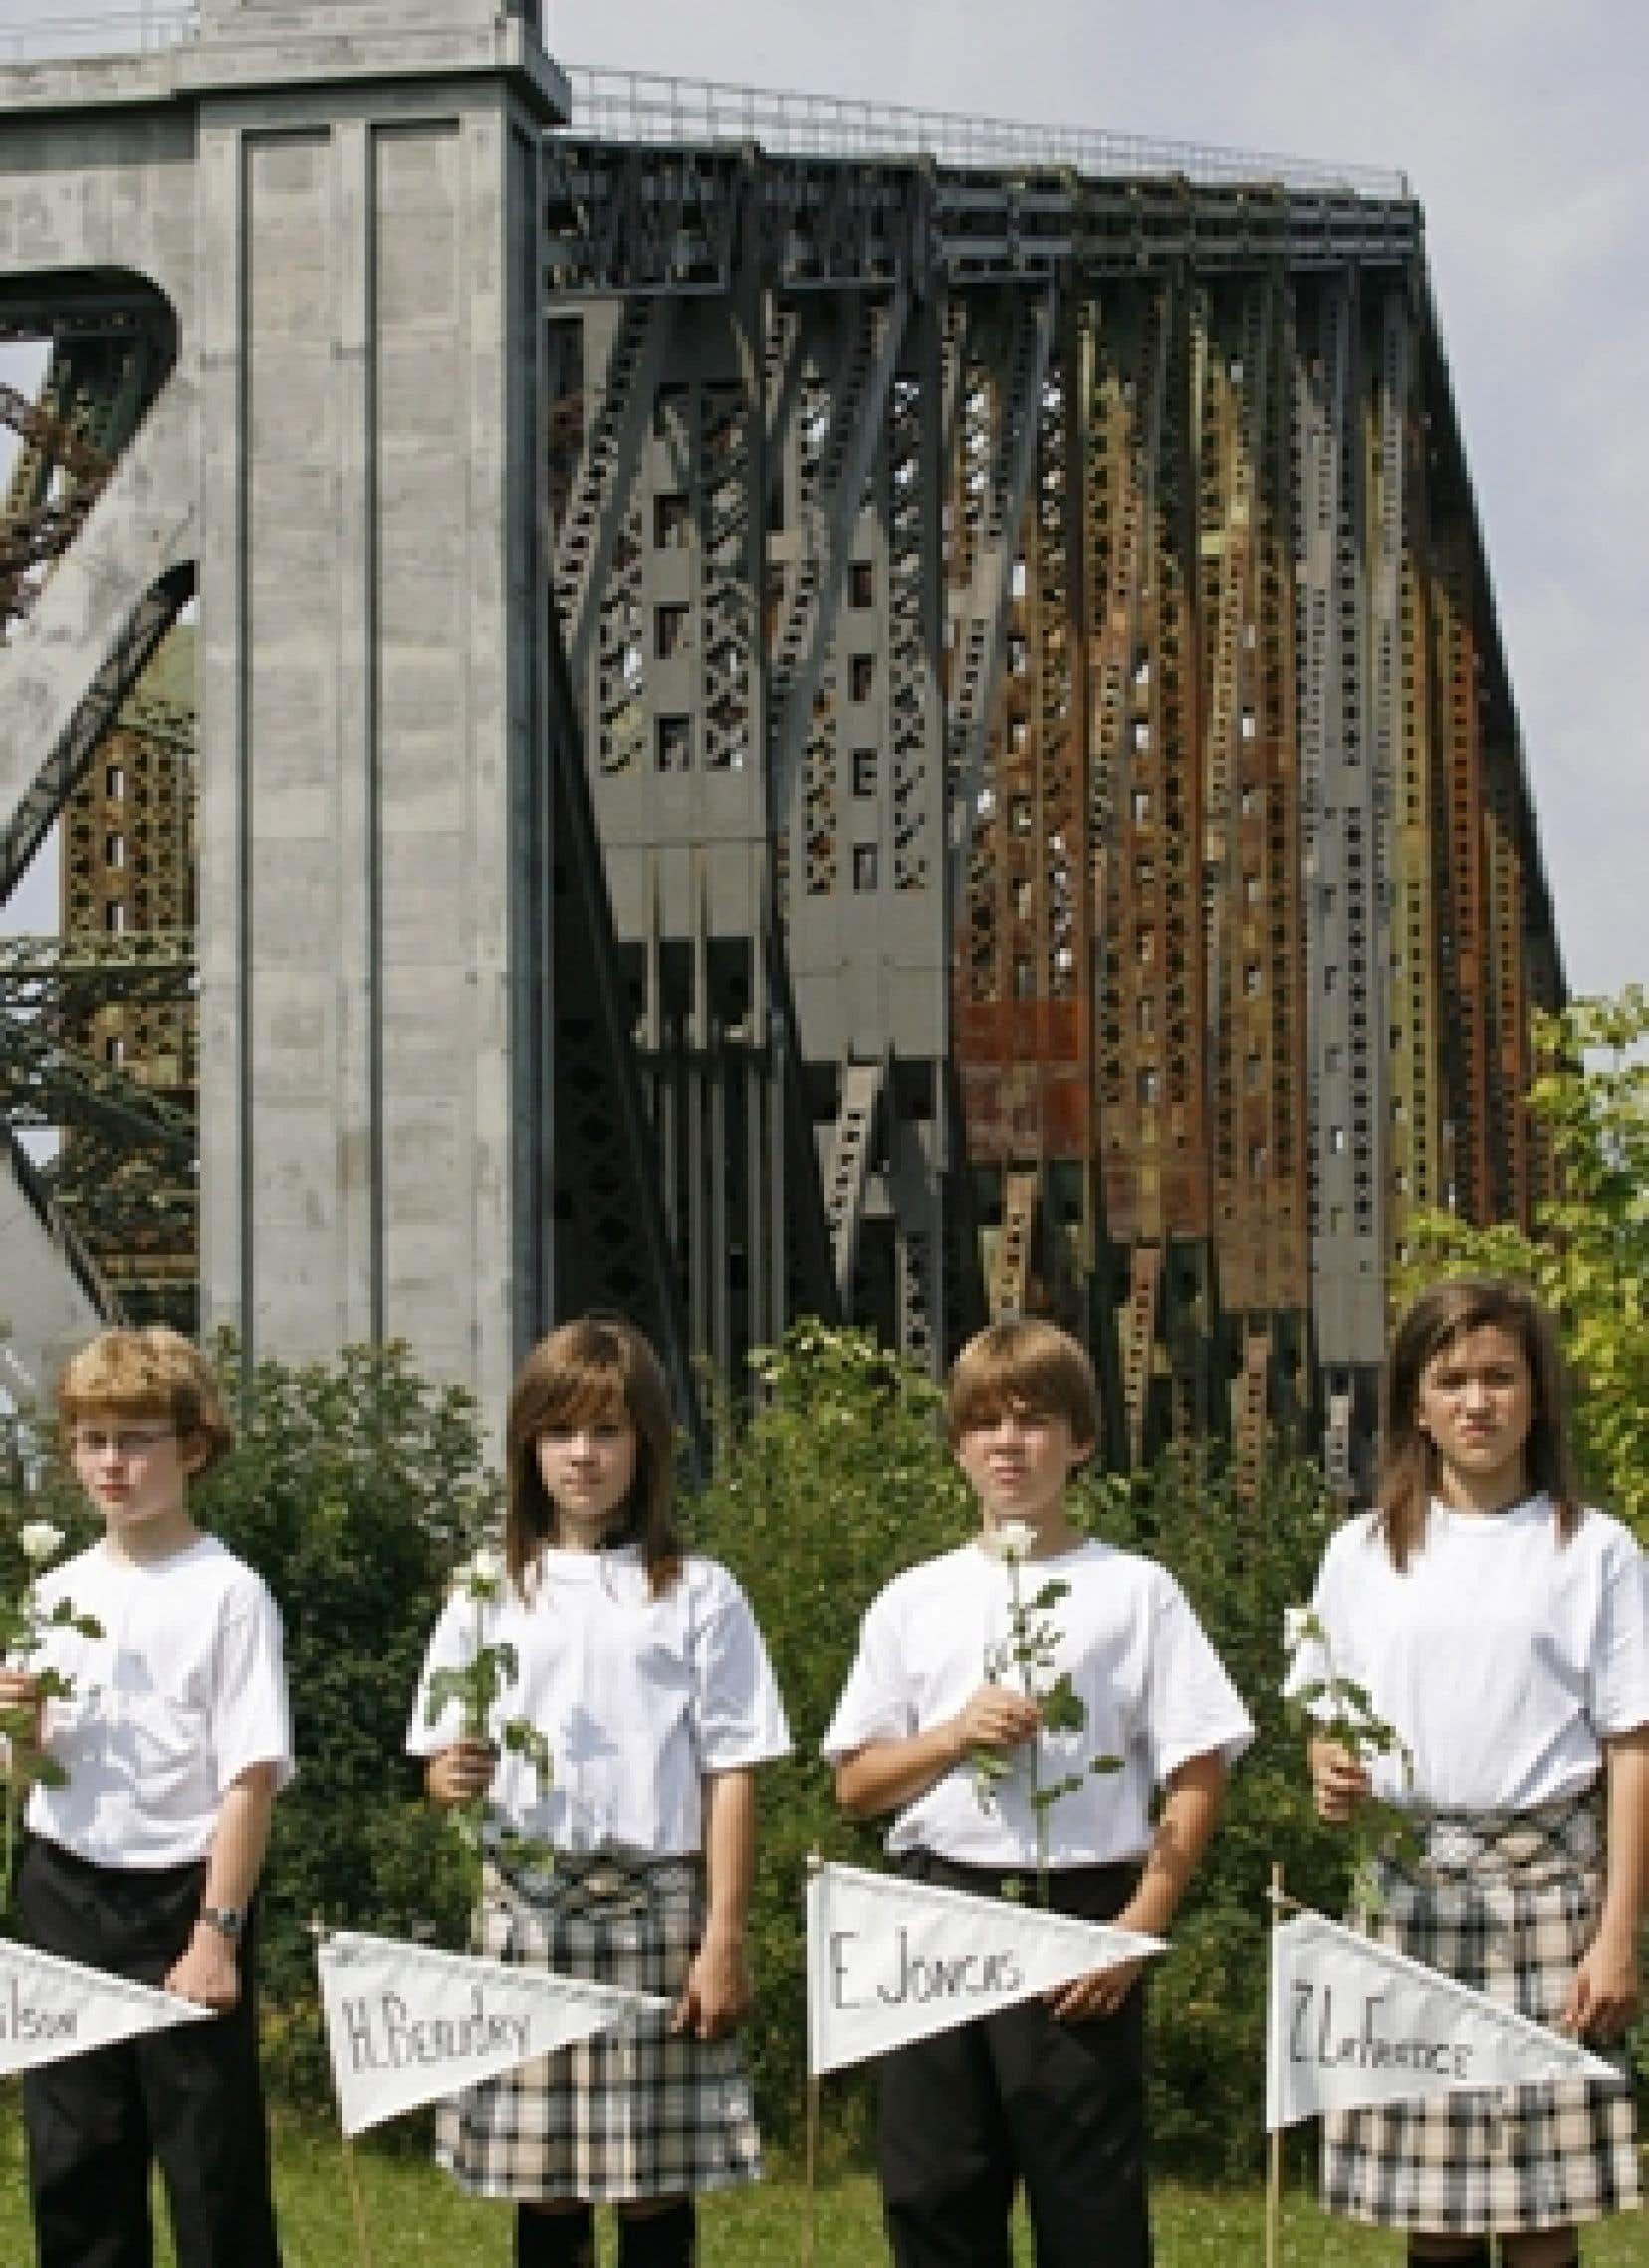 Lors d'une cérémonie particulièrement émouvante dans le parc qui voisine le pont, de jeunes écoliers sont allés planter dans le sol des drapeaux représentant les victimes, tandis que l'animatrice Renée Hudon lisait leurs noms à haute voix, a